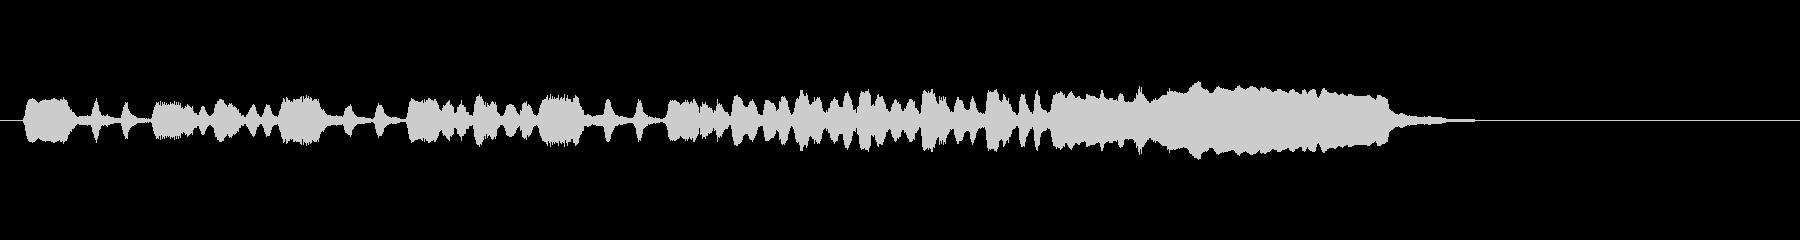 テーマ3B:WOODWINDSの未再生の波形